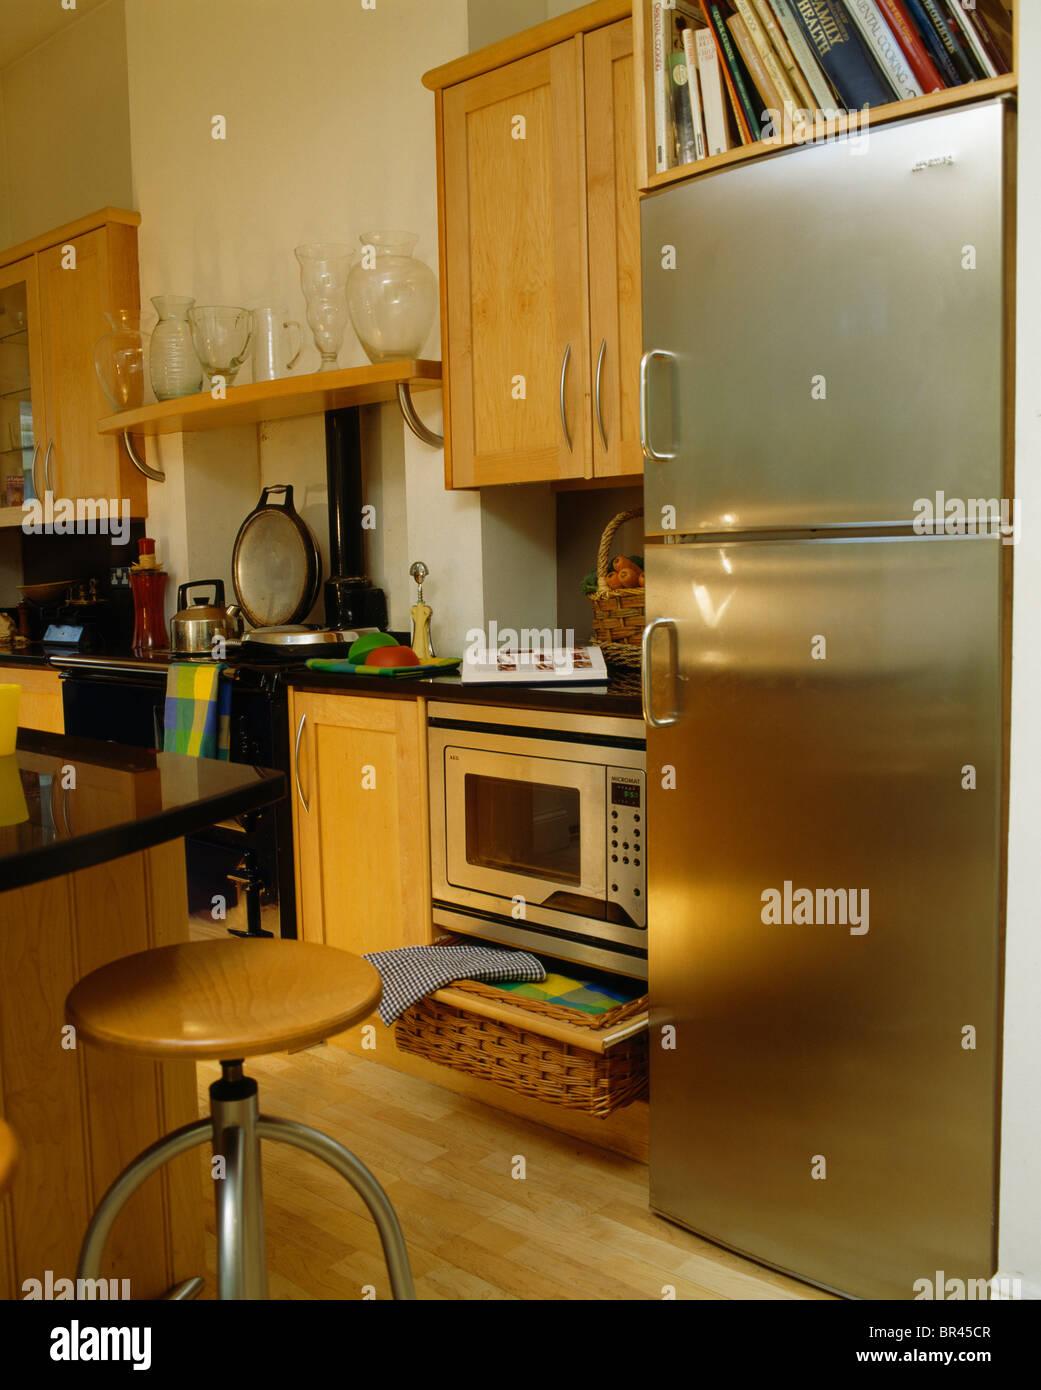 Große Edelstahl Kühl-Gefrierkombination in moderne Küche mit ...